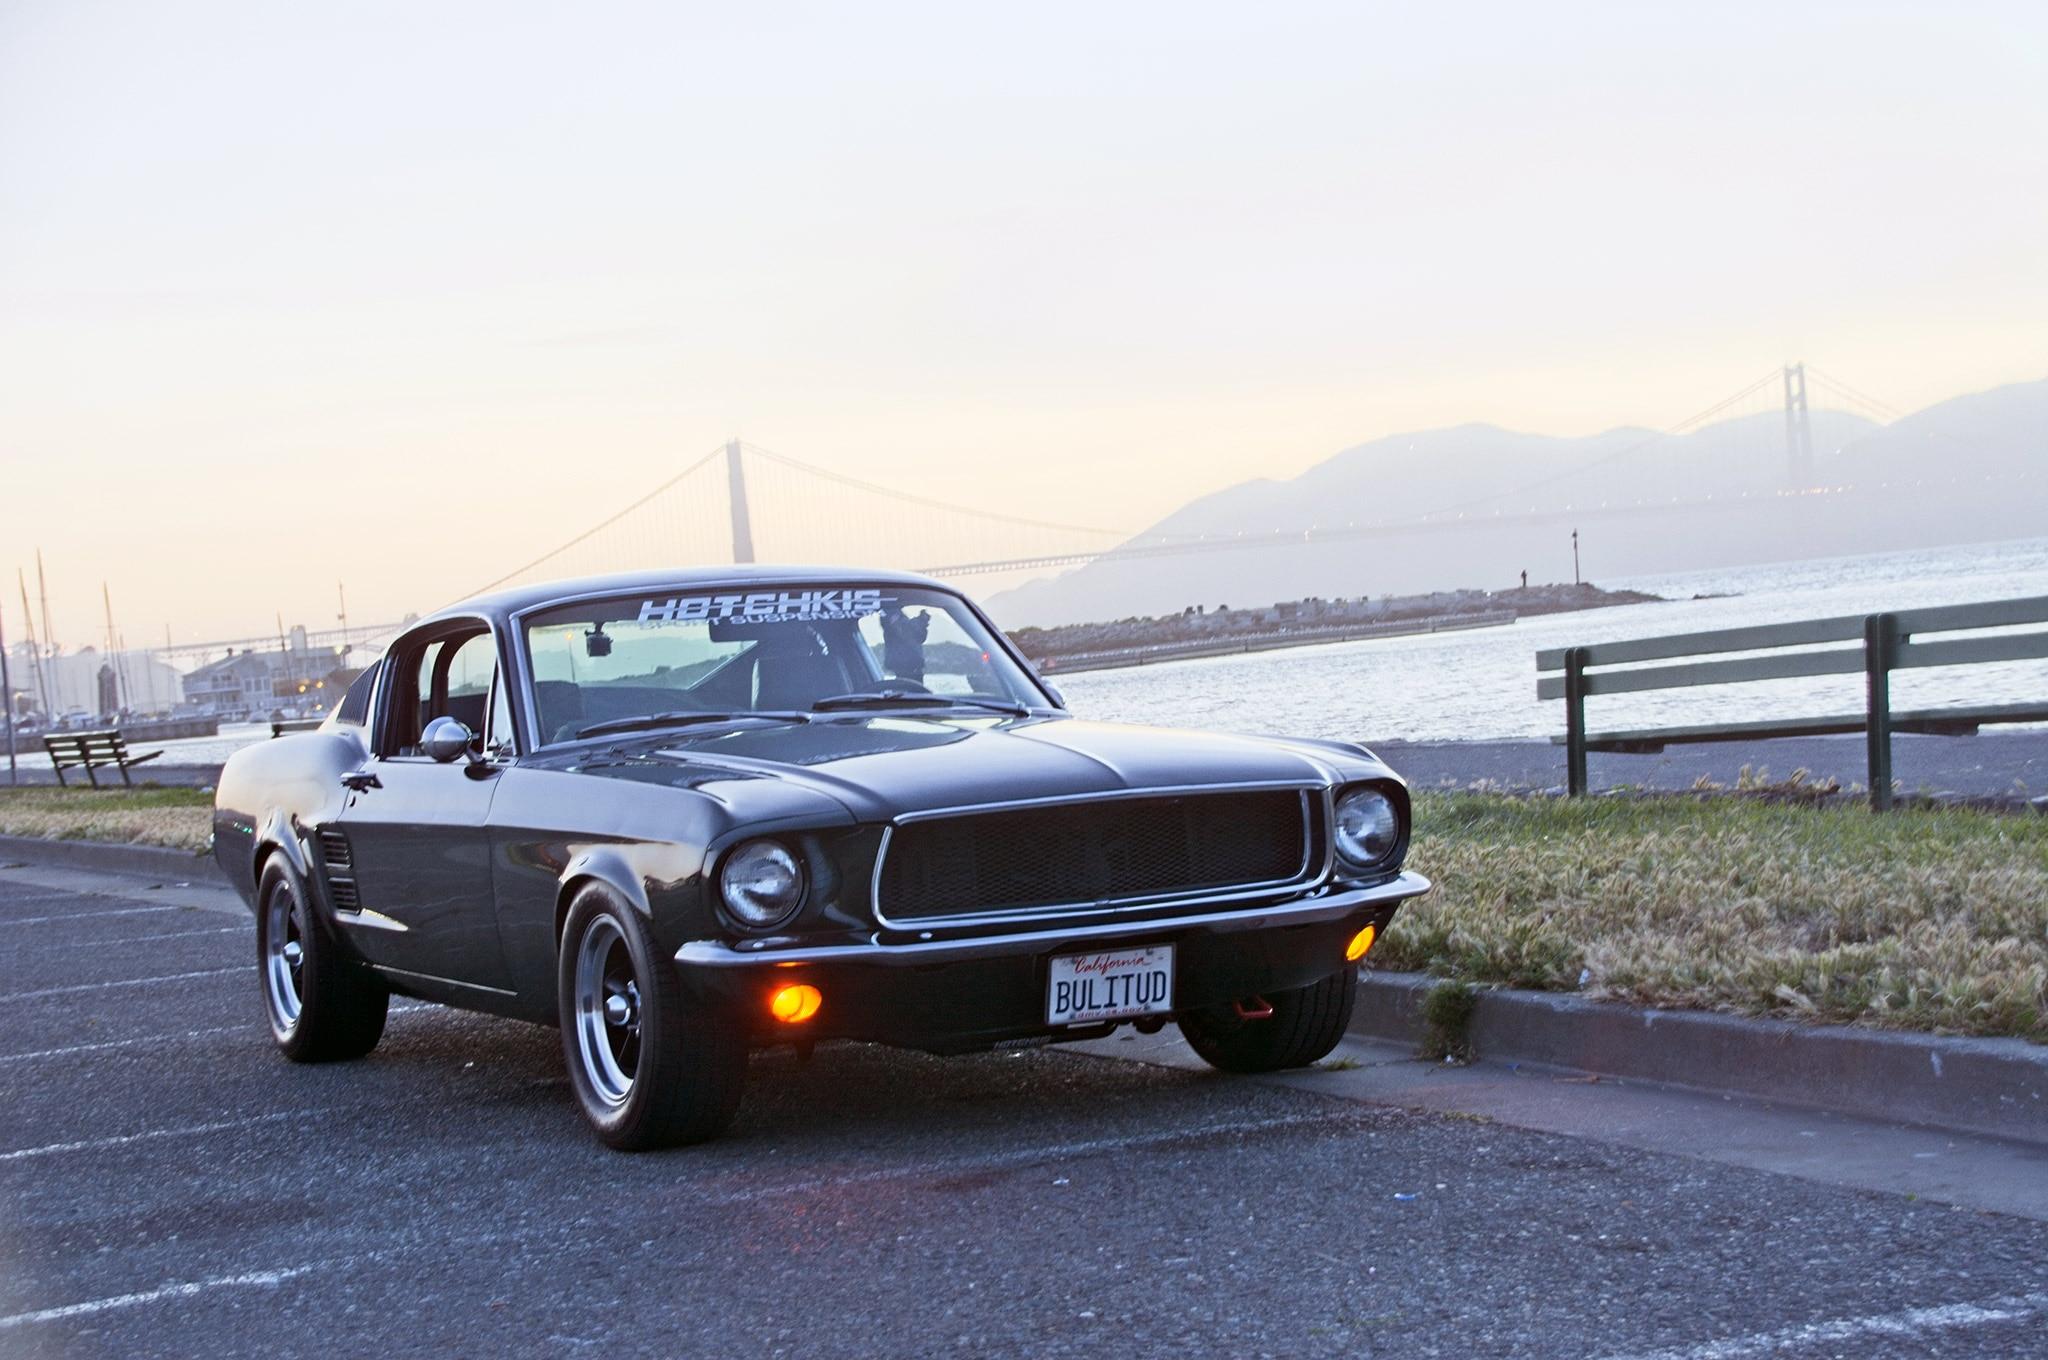 1967 Ford Mustang Shelby Bullitt Tribute 005